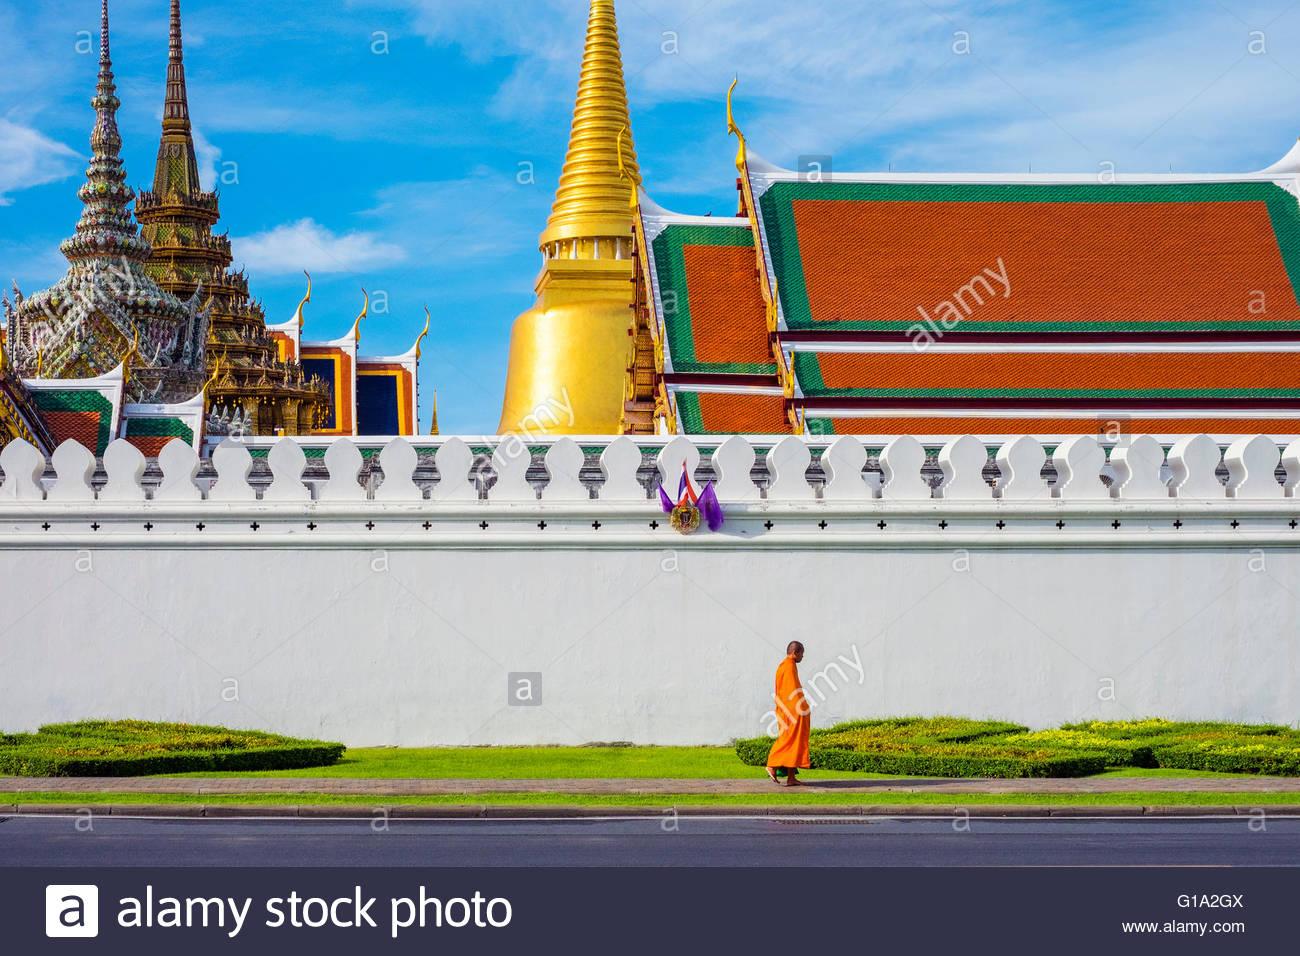 Un moine passe en face de Wat Phra Kaew et le Grand Palace, Bangkok, Thaïlande Photo Stock